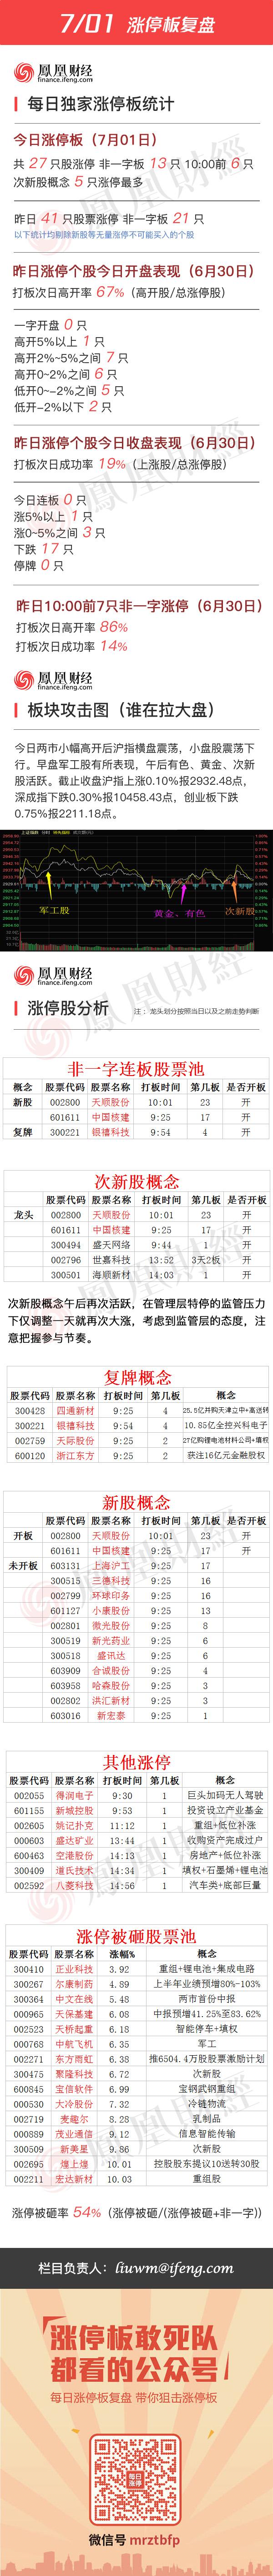 2016年7月1日涨停板复盘 - 小美 - xing1969wuw的博客